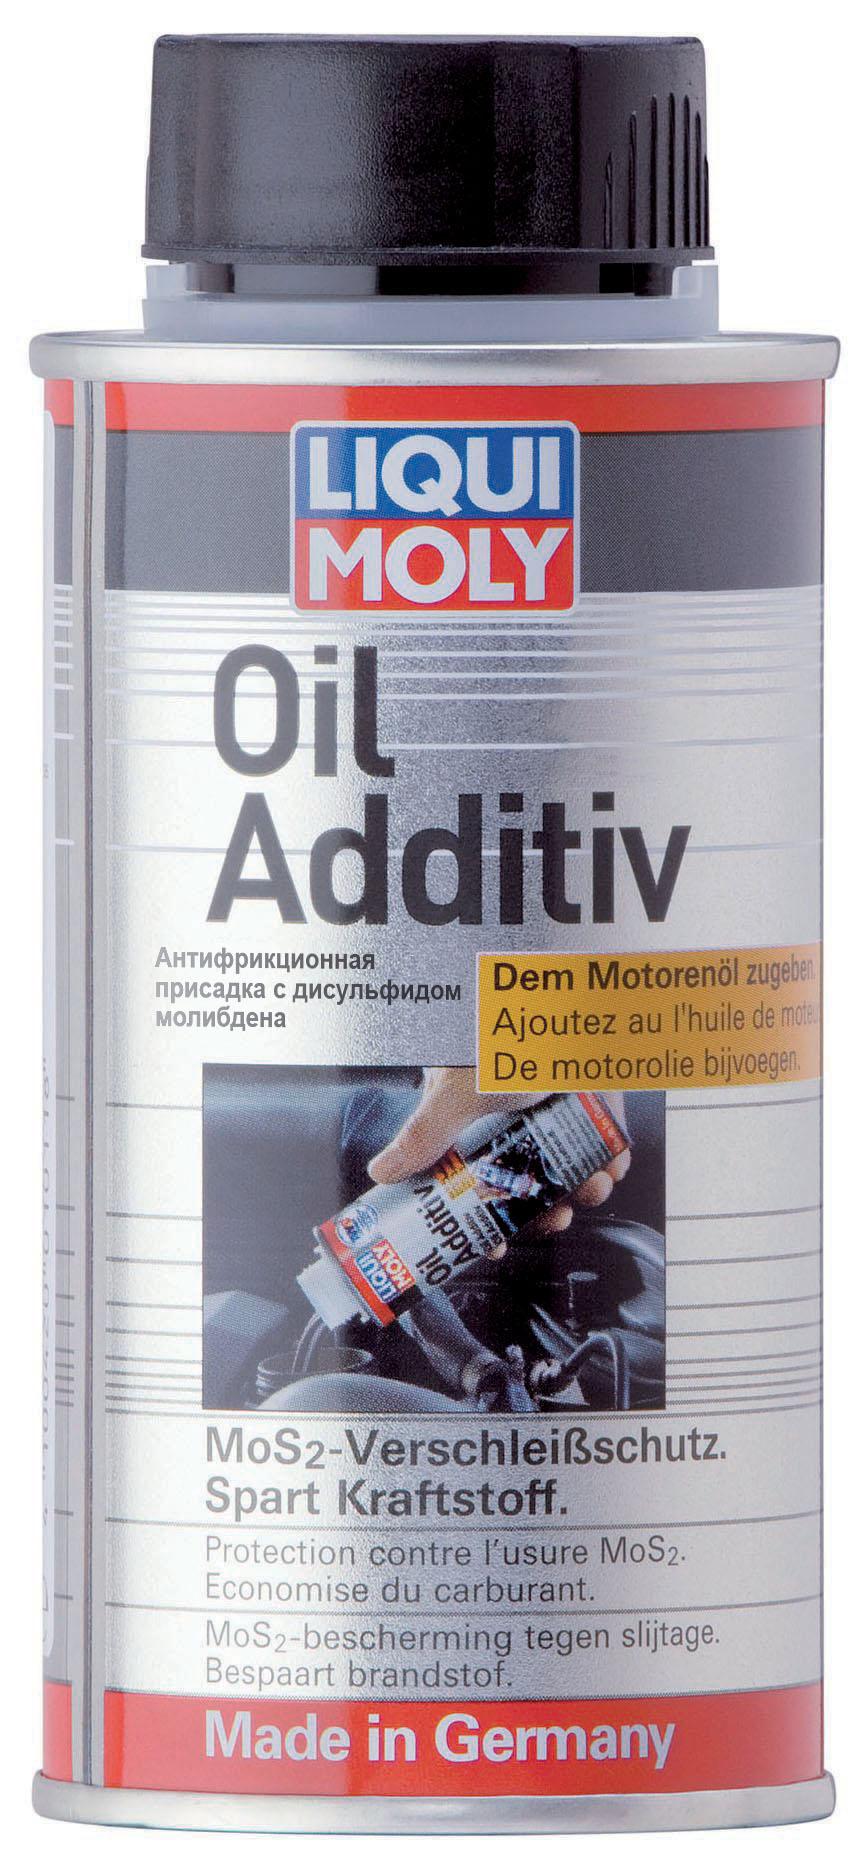 Антифрикционная присадка с дисульфидом молибдена в моторное масло Oil Additiv